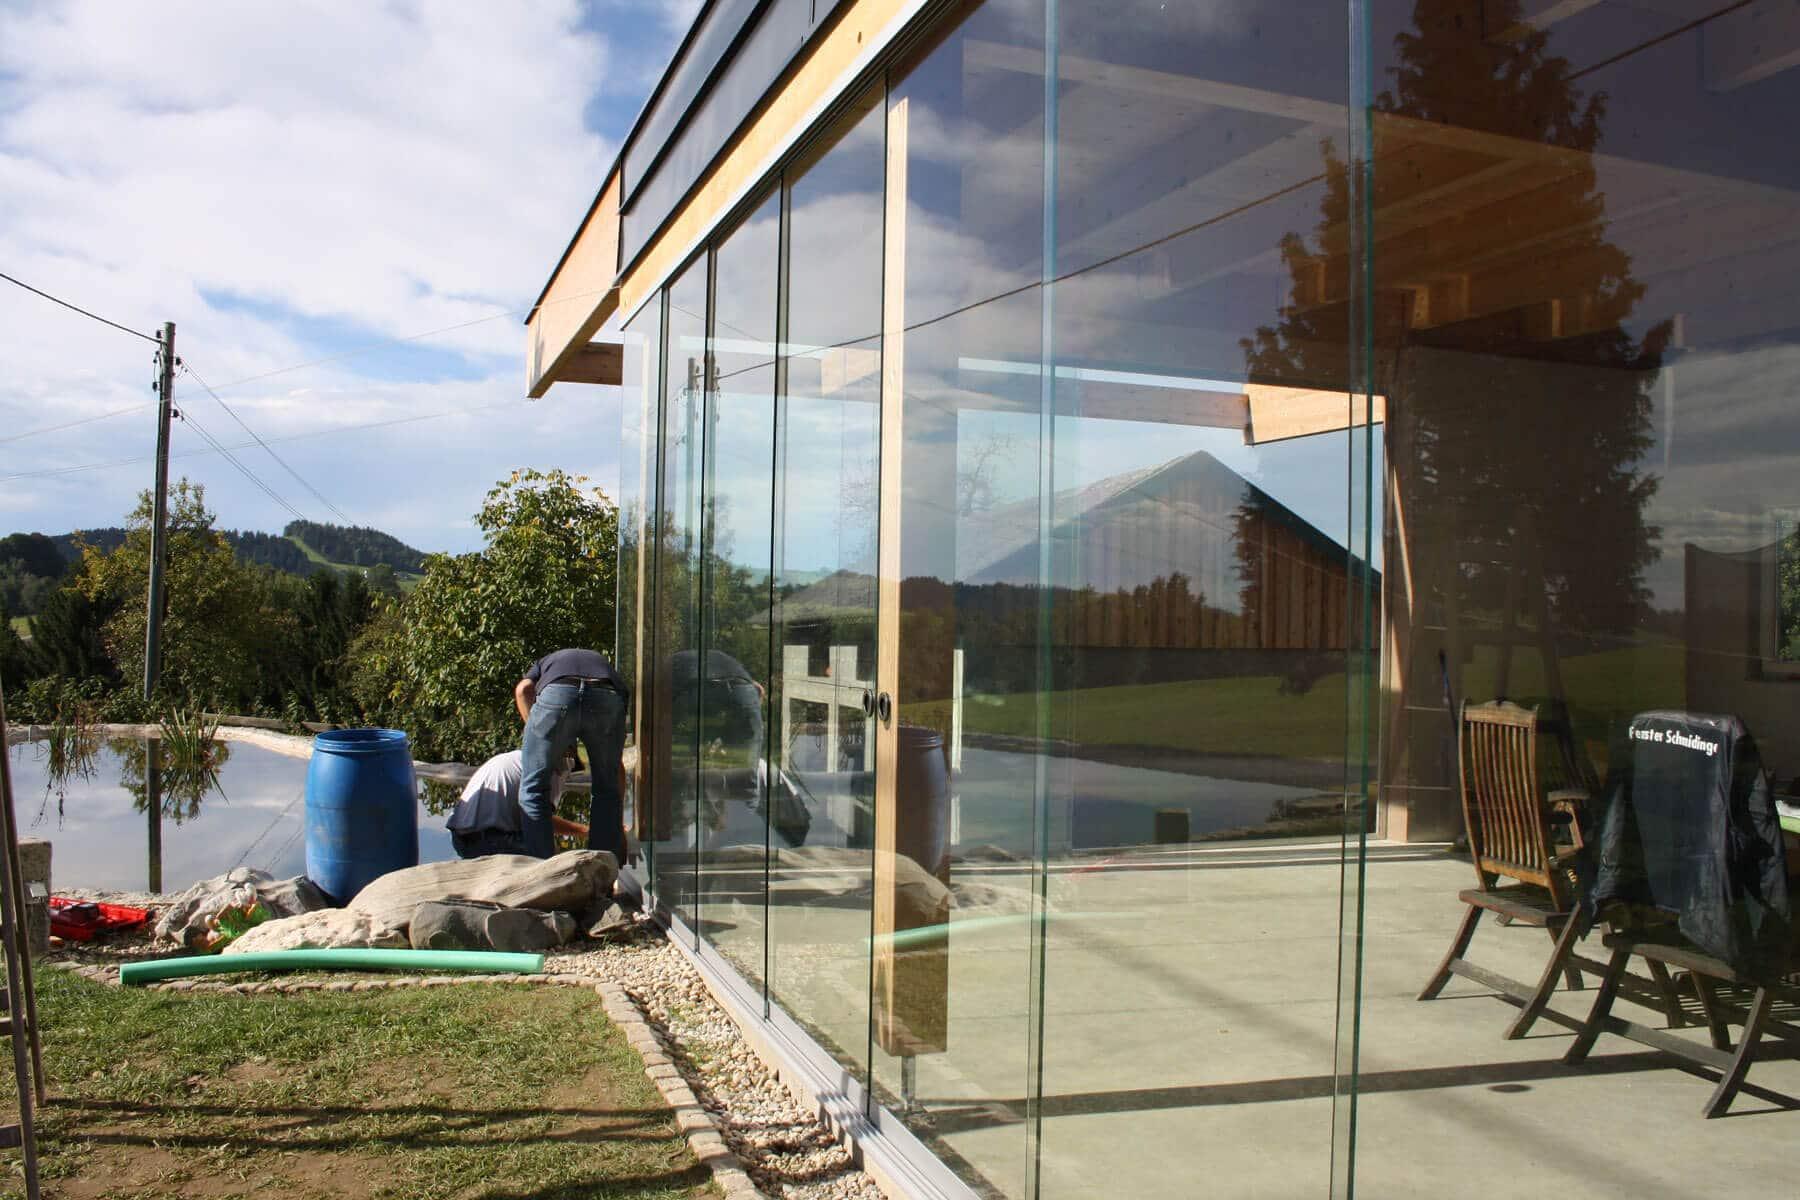 Glastüren schiebbar in Holzkonstruktion montiert